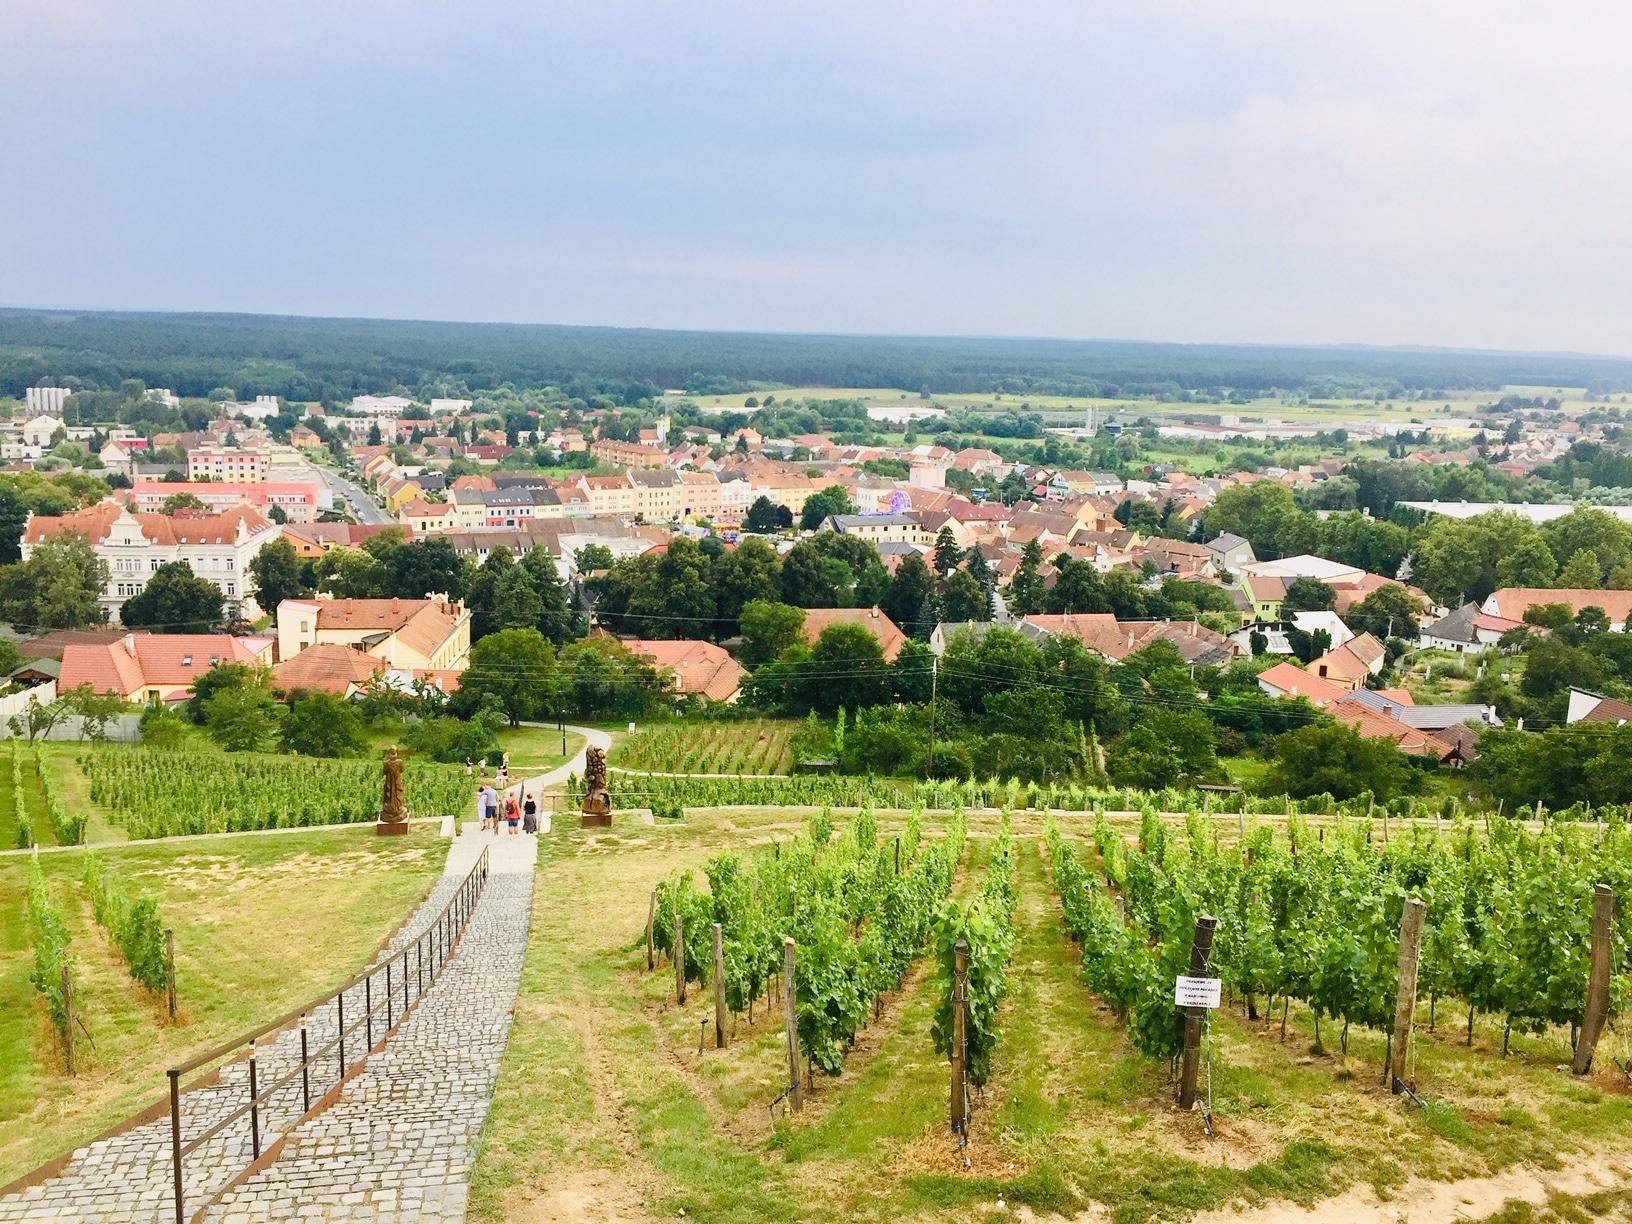 Viñedos de la Toscana checa